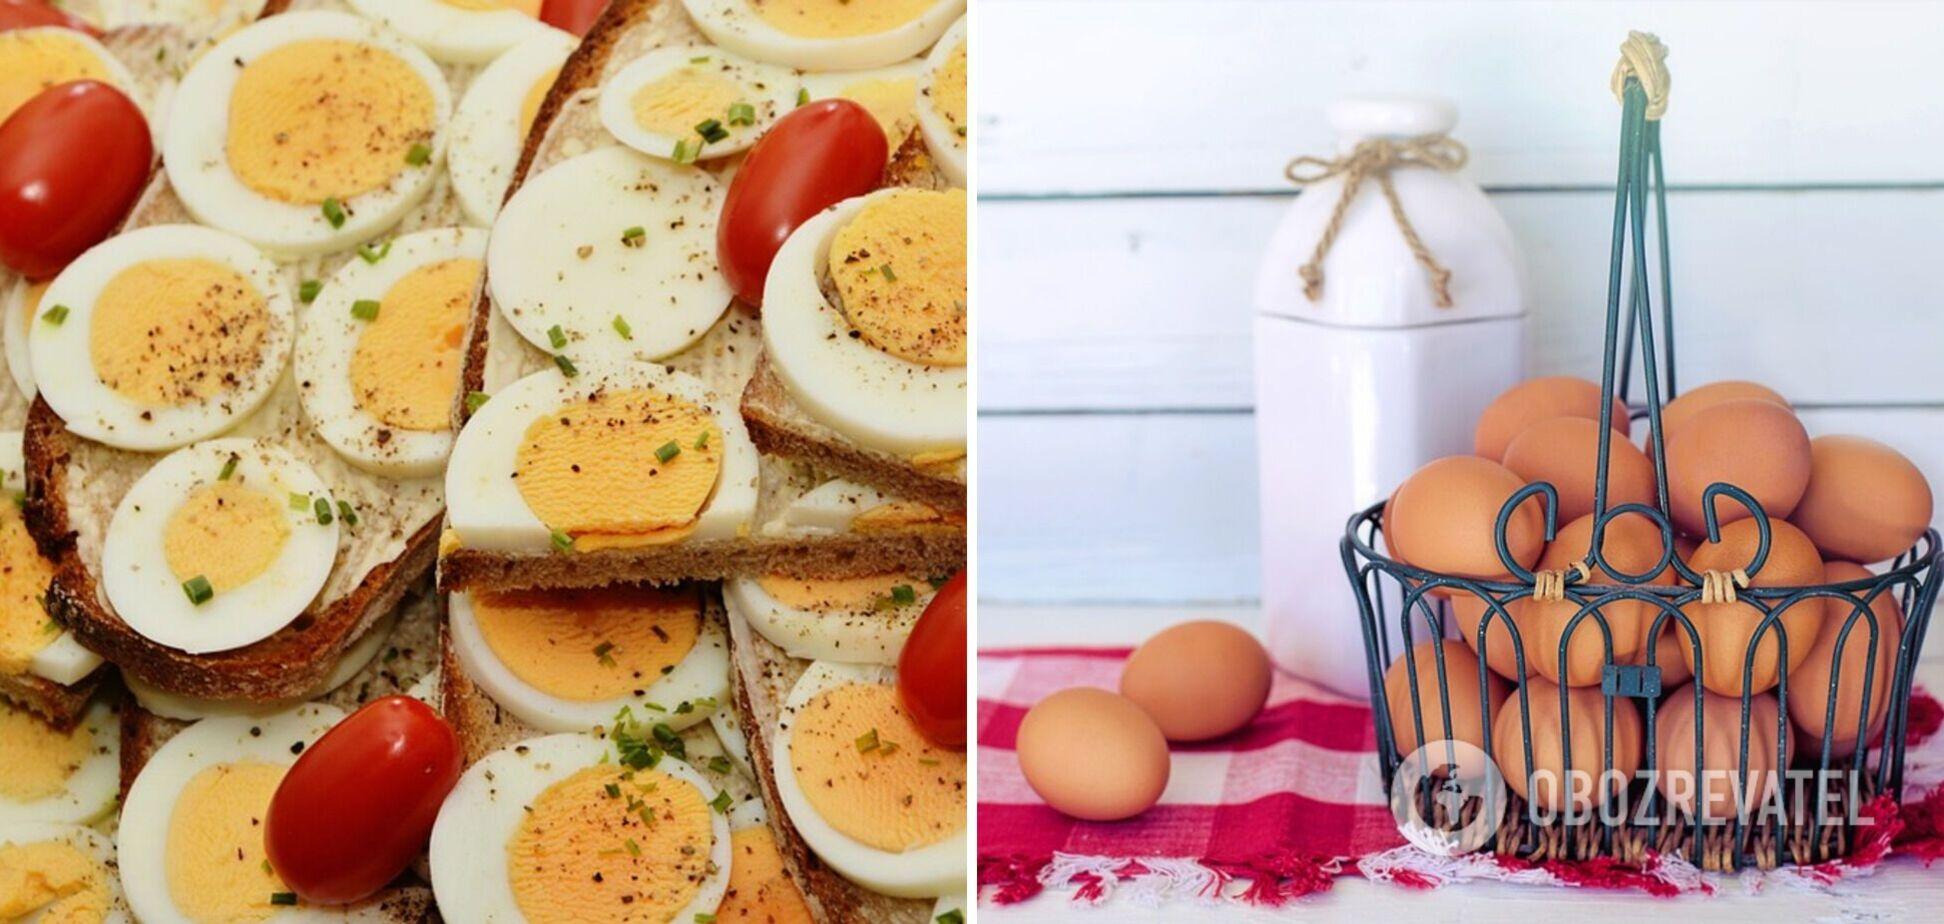 Як правильно зварити та посмажити яйця: поради професіоналів